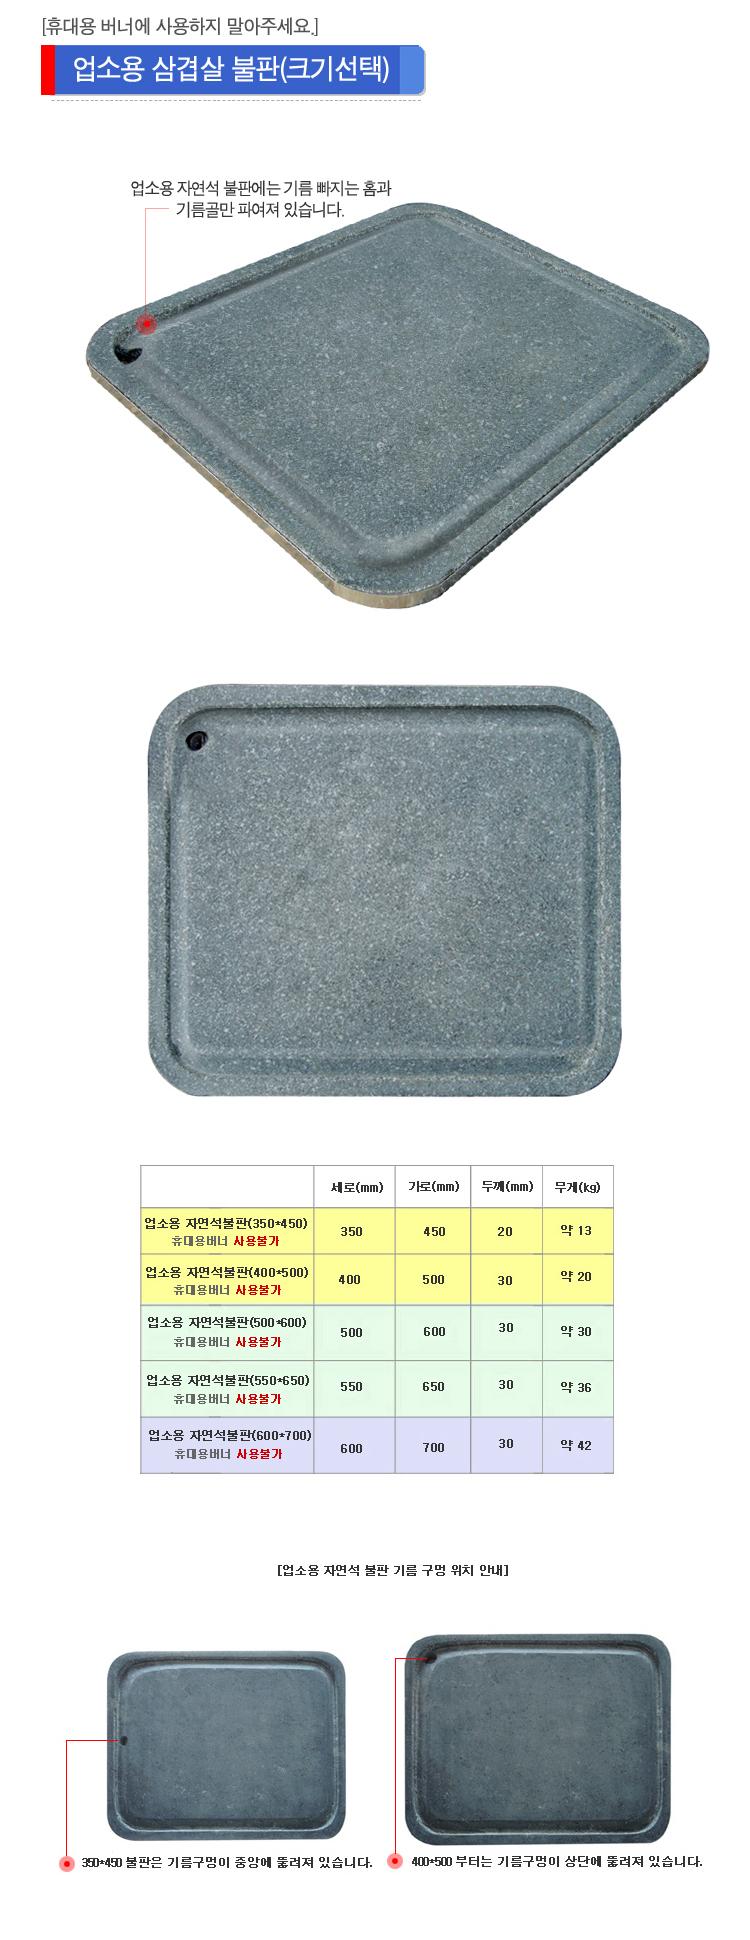 업소용 삼겹살불판(350-450) 업소용 불판에는 기름빠지는 홈과 기름골이 파여져 있습니다. 과대불판이 되므로 휴대용 버너에는 사용하지 말아주세요 350-450 불판은 기름구멍이 가운데 뚫려져 있고 400-500 사이즈 부터는 기름구멍이 상단에 뚫려져 있습니다.